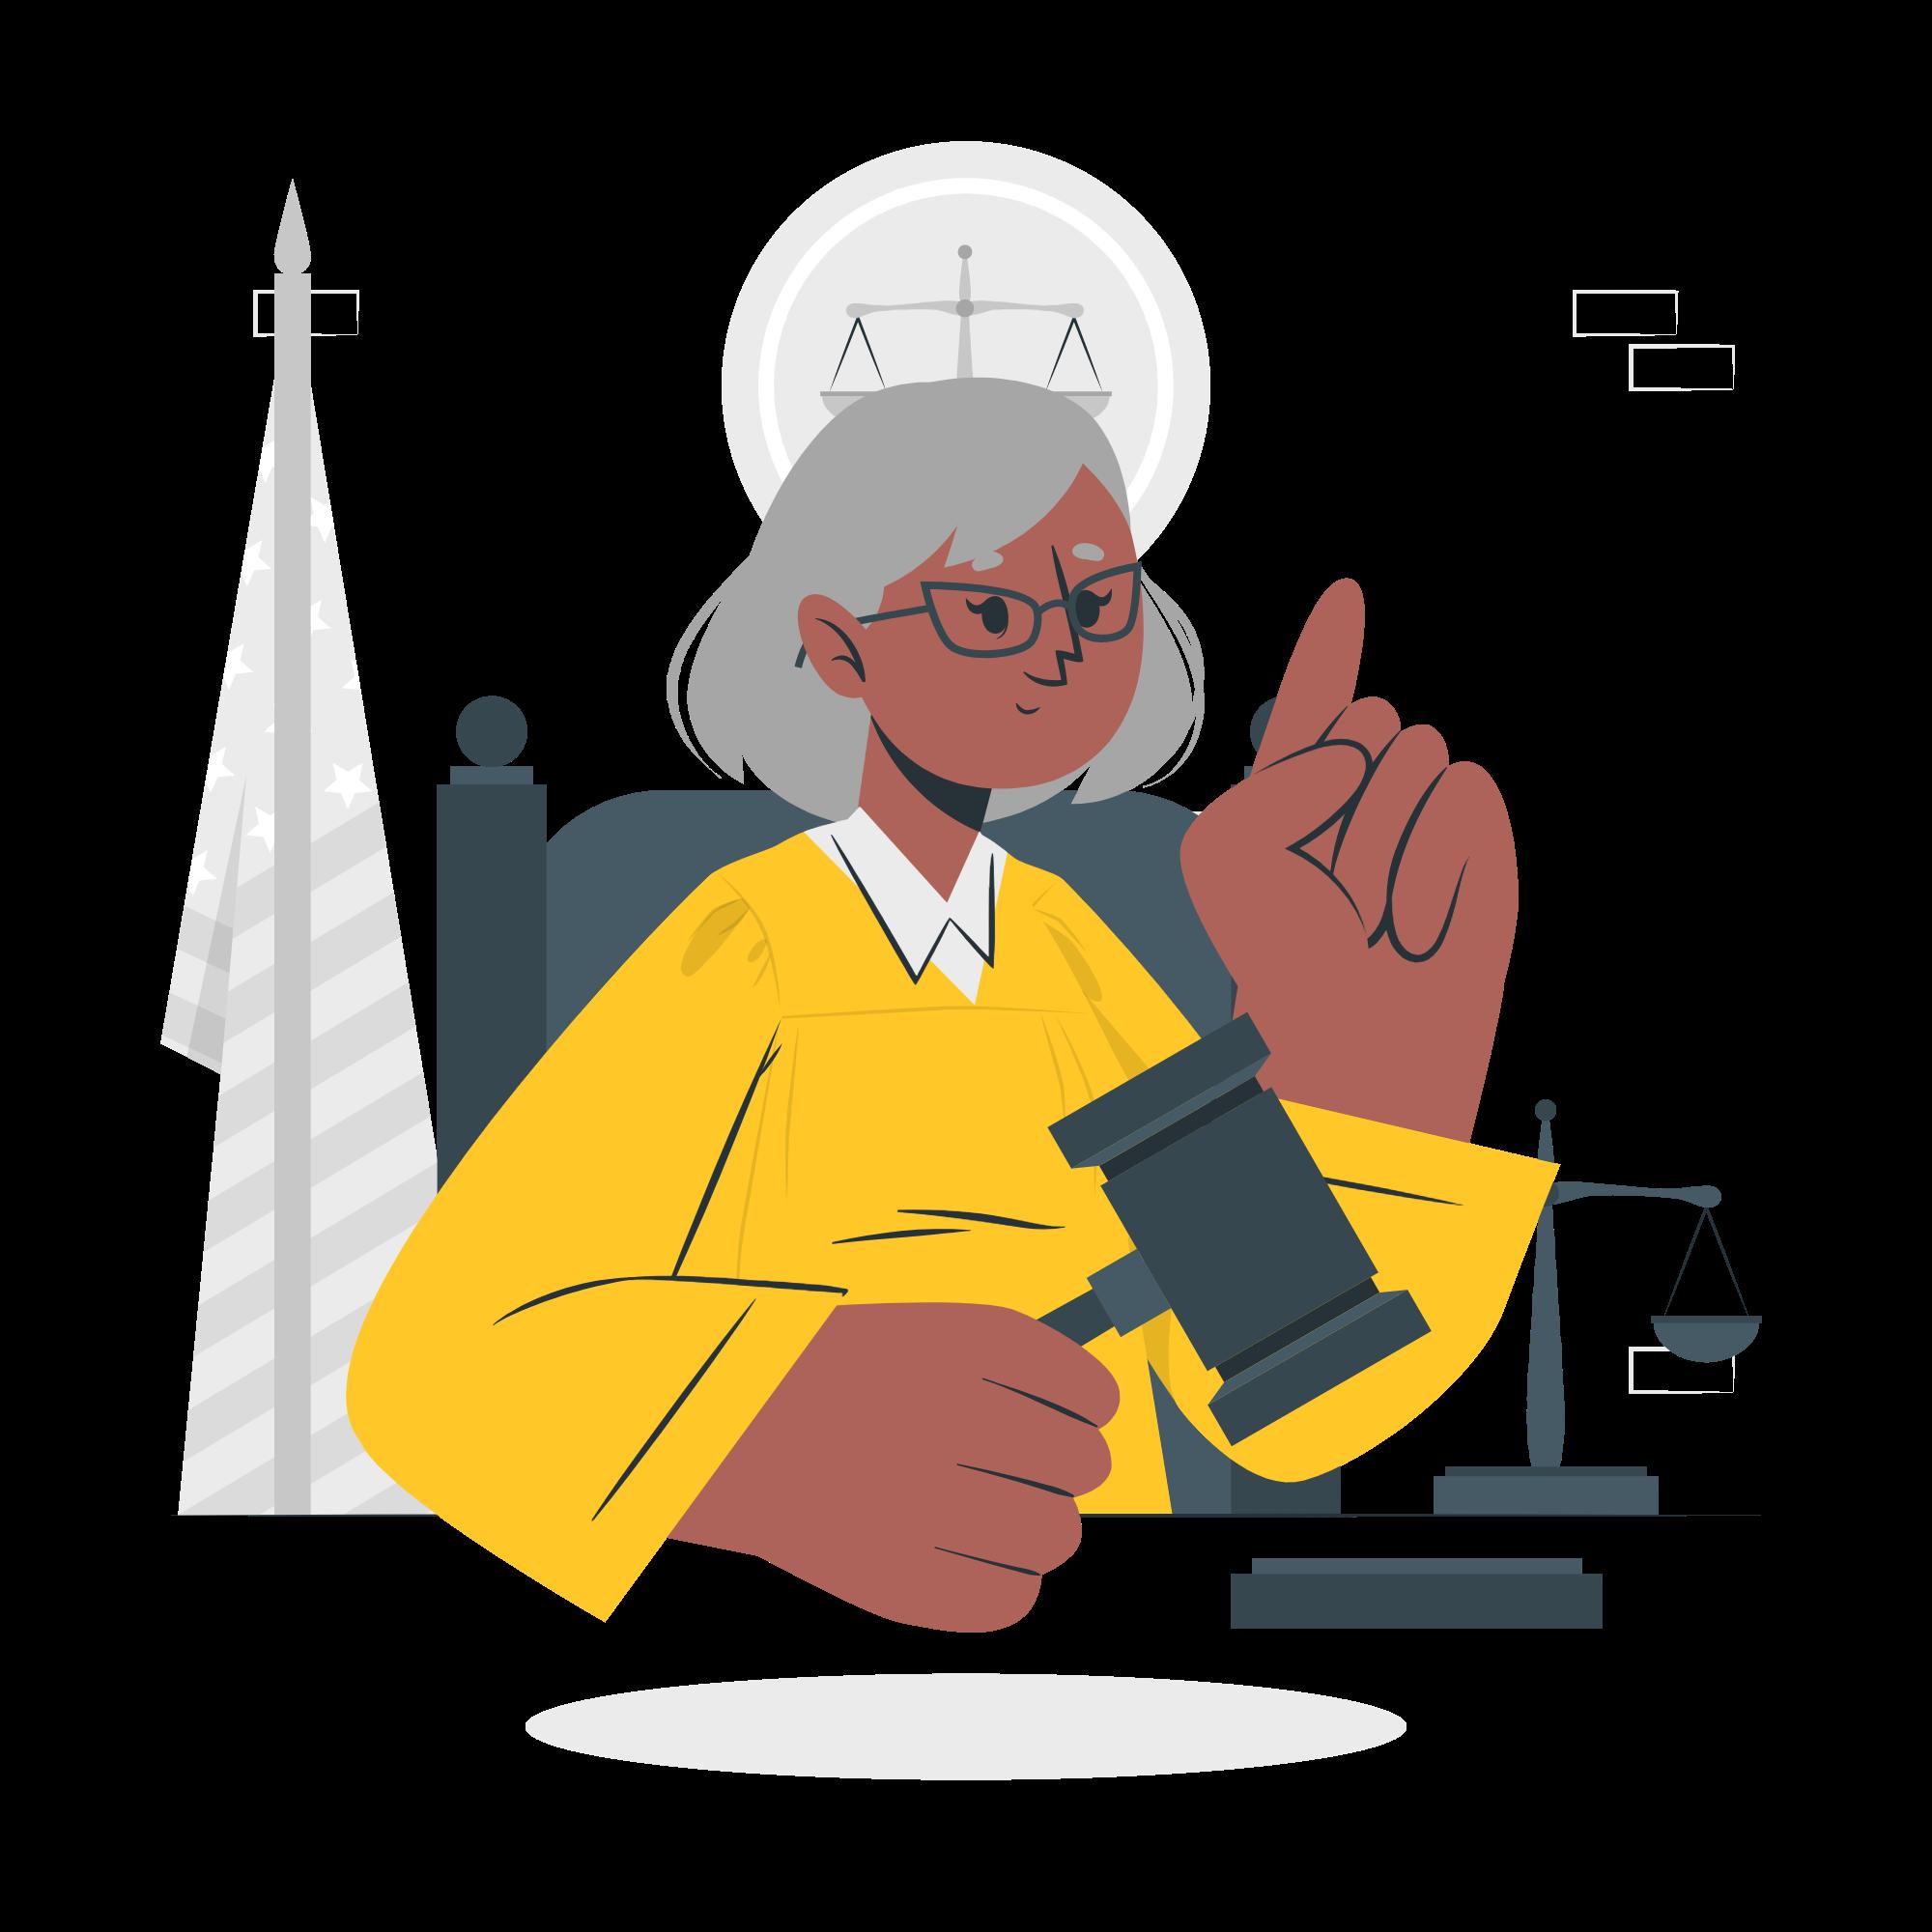 Judge-cuate